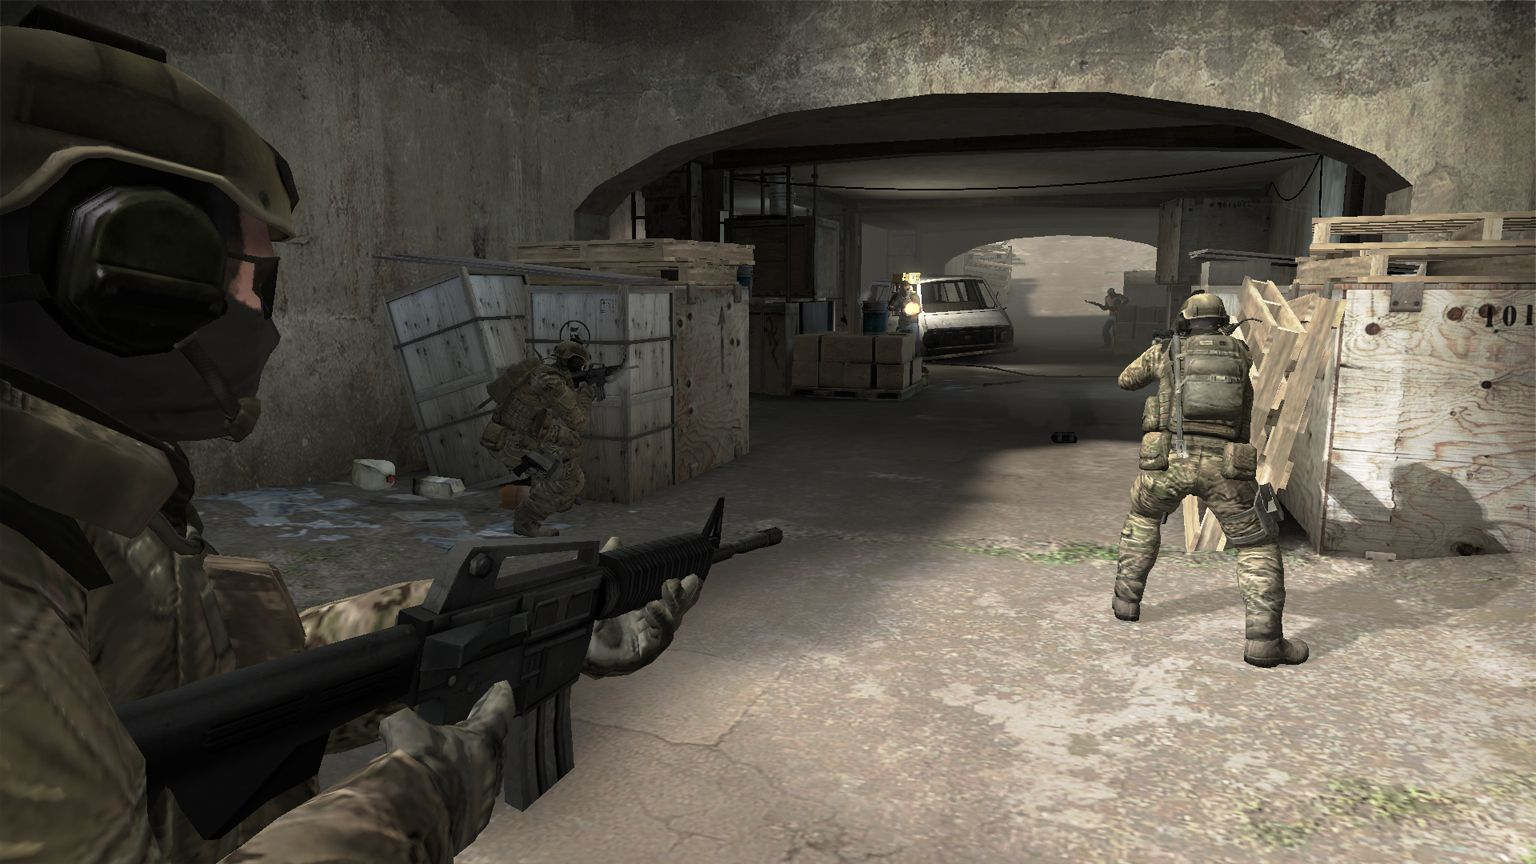 Counter-Strike hrá najviac hráčov v histórii. Analytik sa nazdáva, že to spôsobil koronavírus